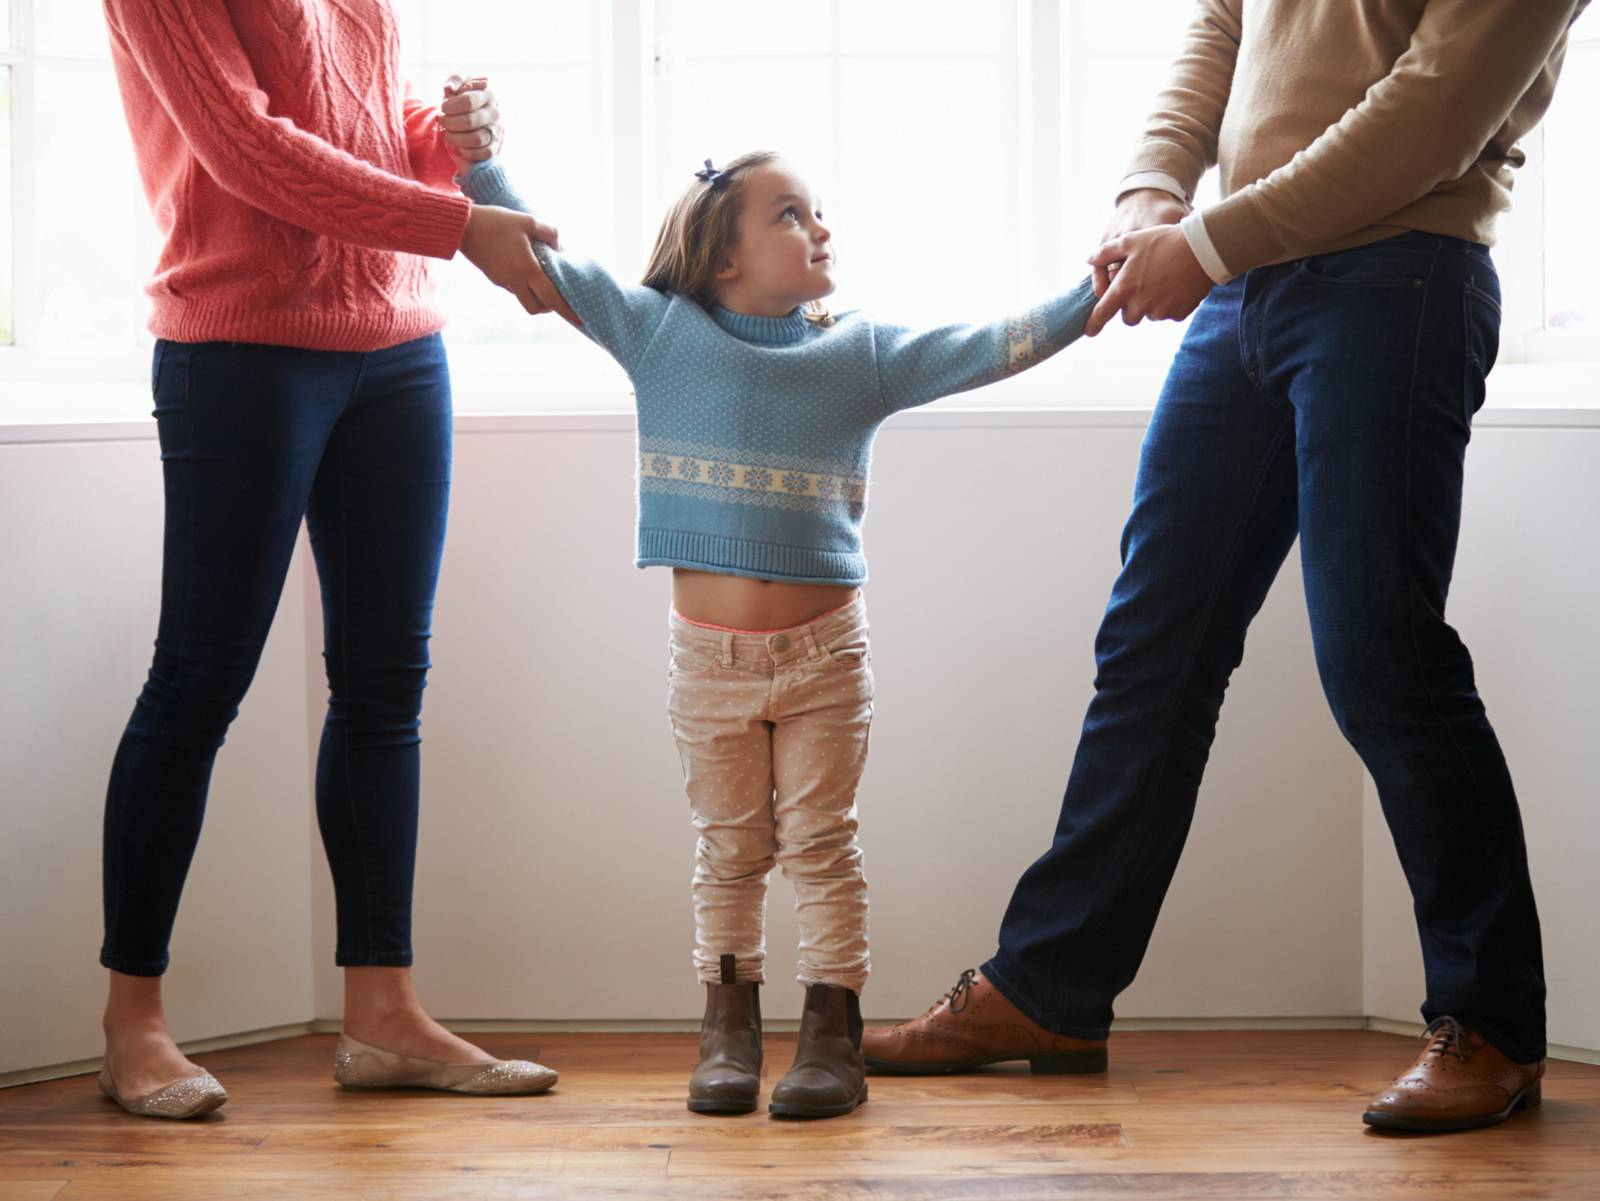 Symbolbild für ein Trennungs- oder Scheidungskind: Links zerrt eine Frau an einem kleinen Mädchen, rechts davon ein Mann in die andere Richtung.